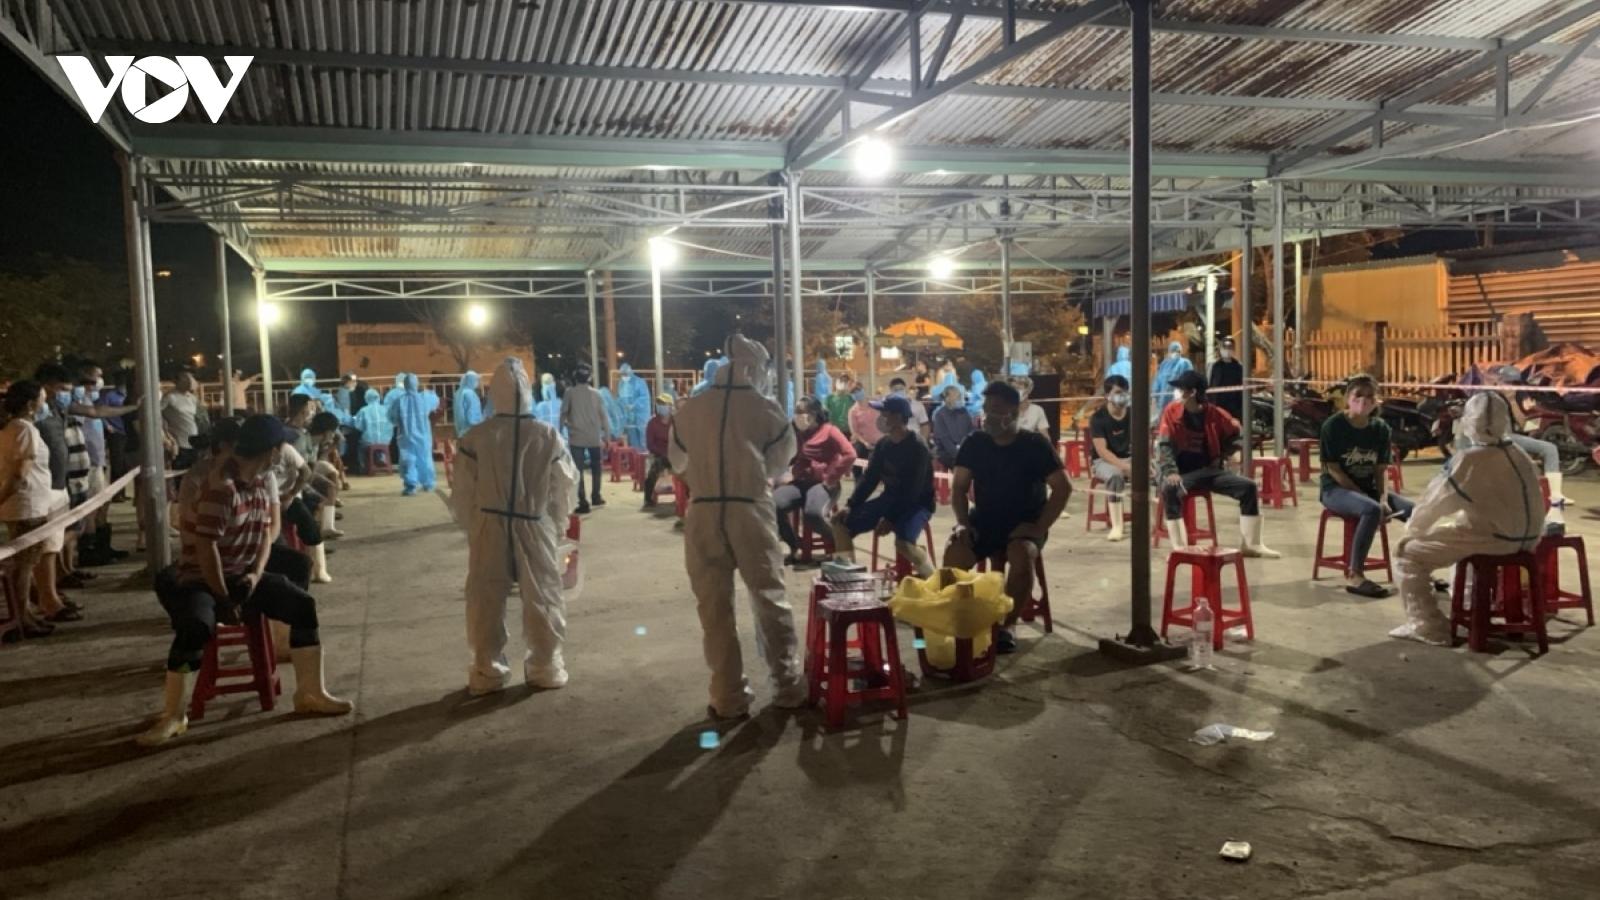 Nhiều ca mắc COVID-19 ở Đà Nẵng phát sinh tại các chợ và cảng cá Thọ Quang